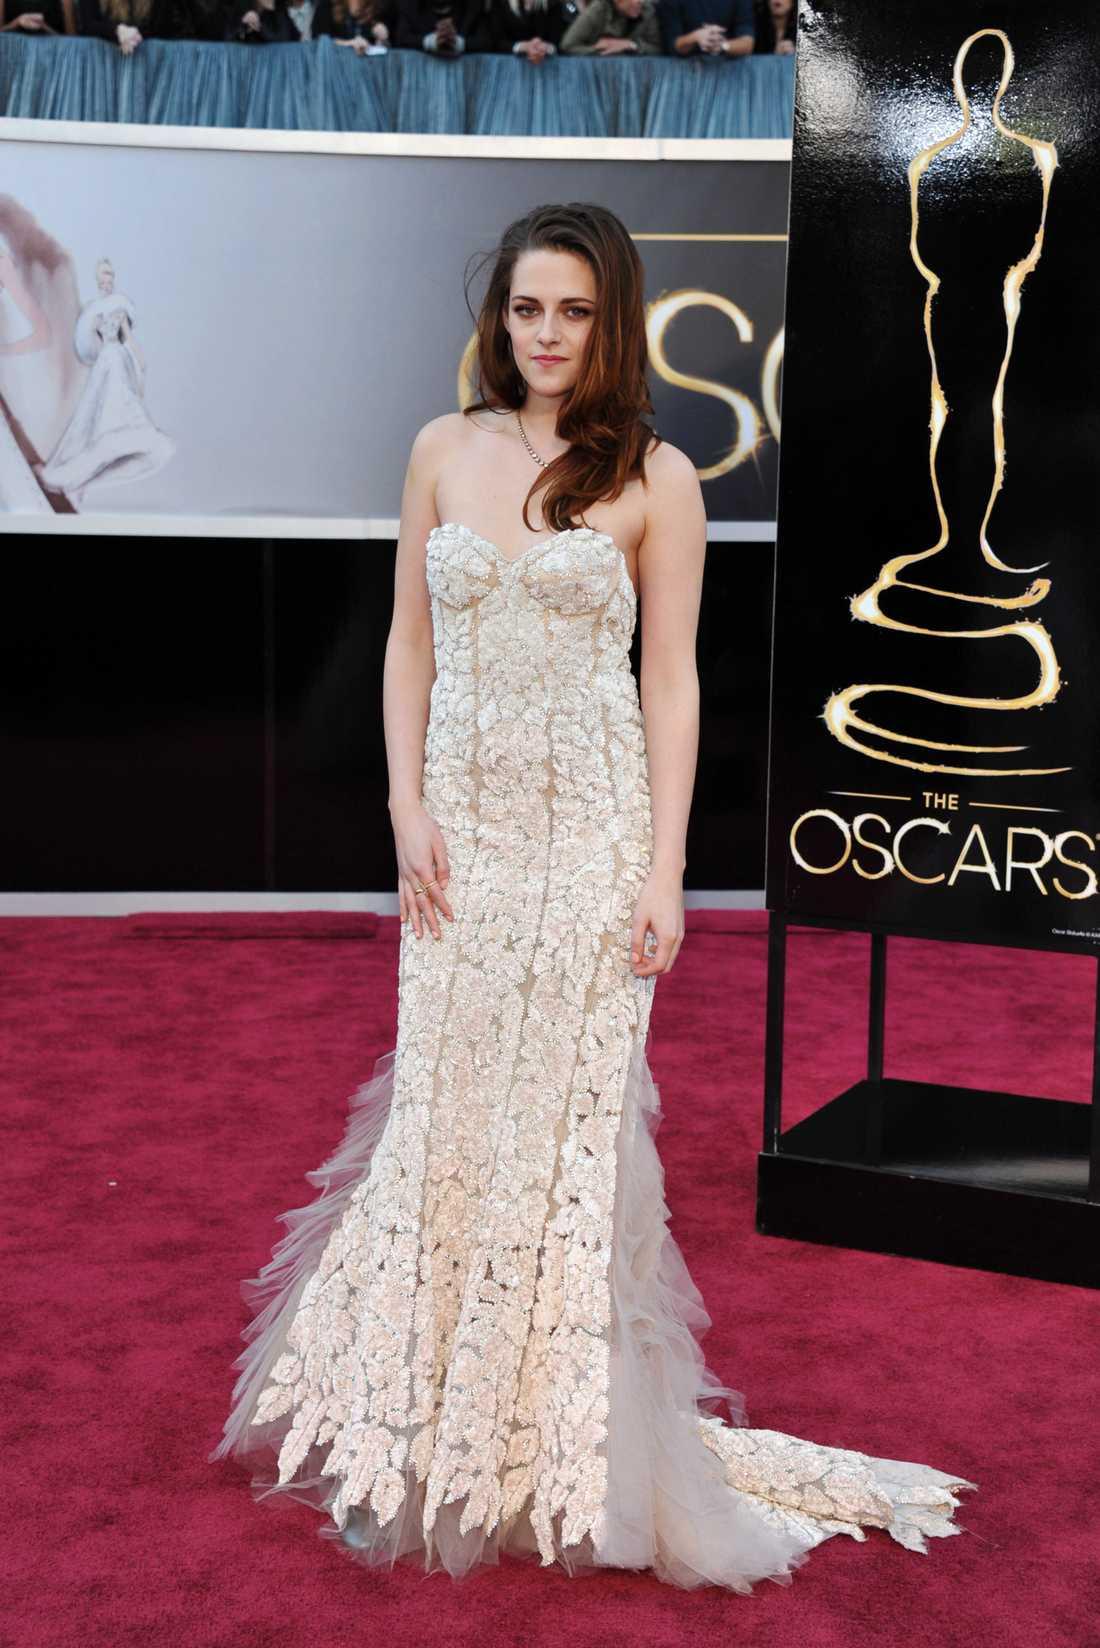 Kristen Stewart Inte illa att spatsera hela Oscars röda matta på kryckor – och dessutom lyckas få en korsettklänning i guld att se avslapnat ut. 3 plus.